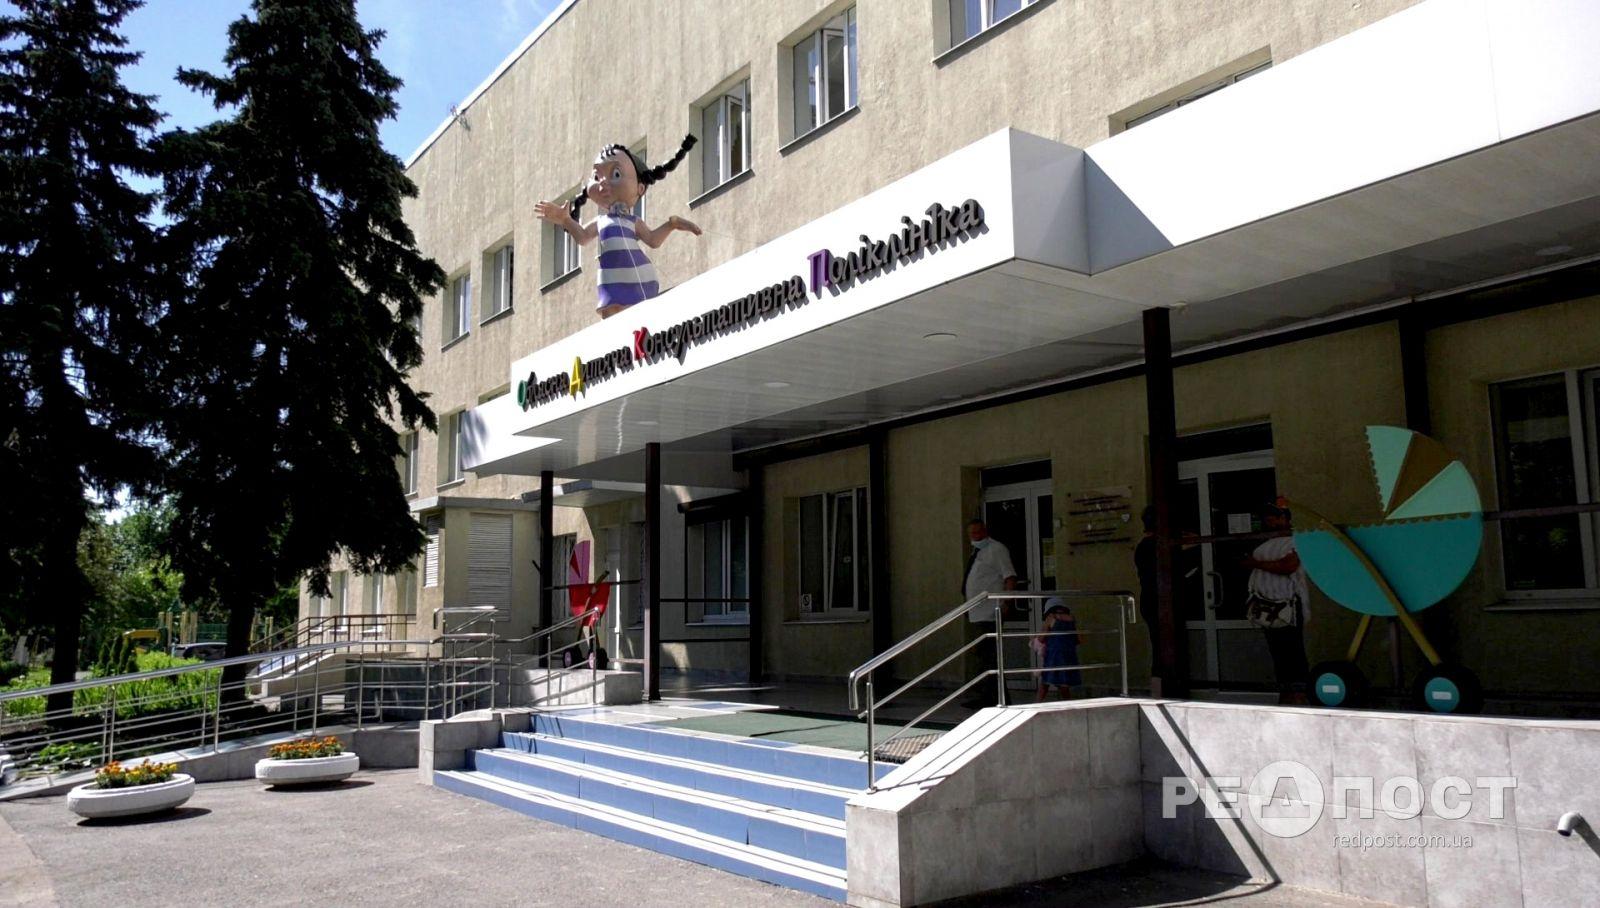 Новости Харькова: город отремонтирует дорогу, по которой подвозят пациентов в детскую областную больницу